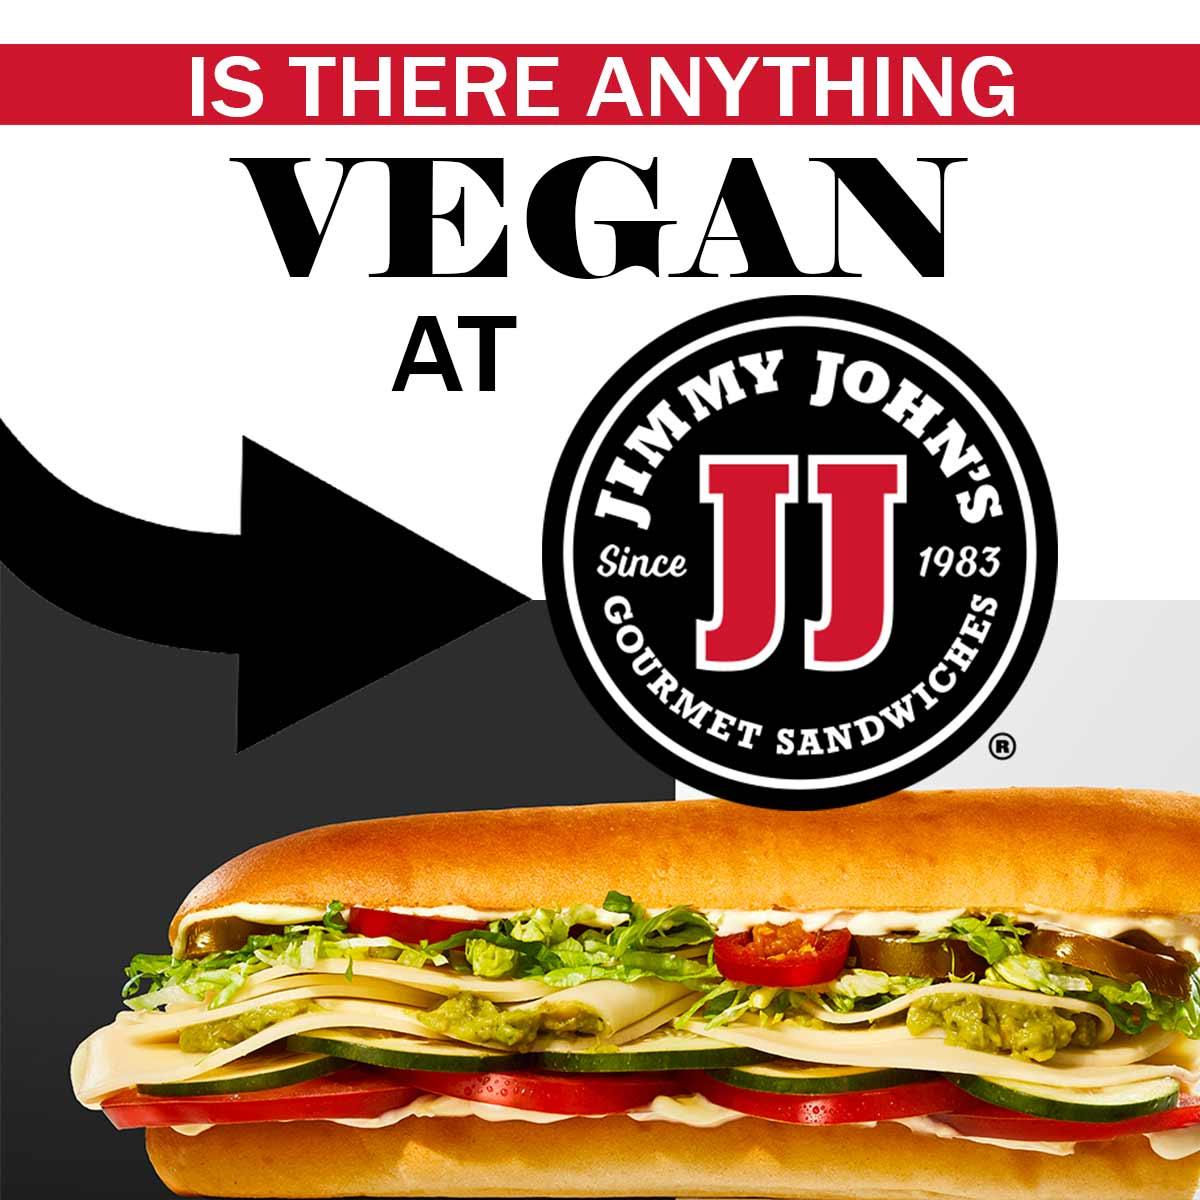 Jimmy John's Vegan Options